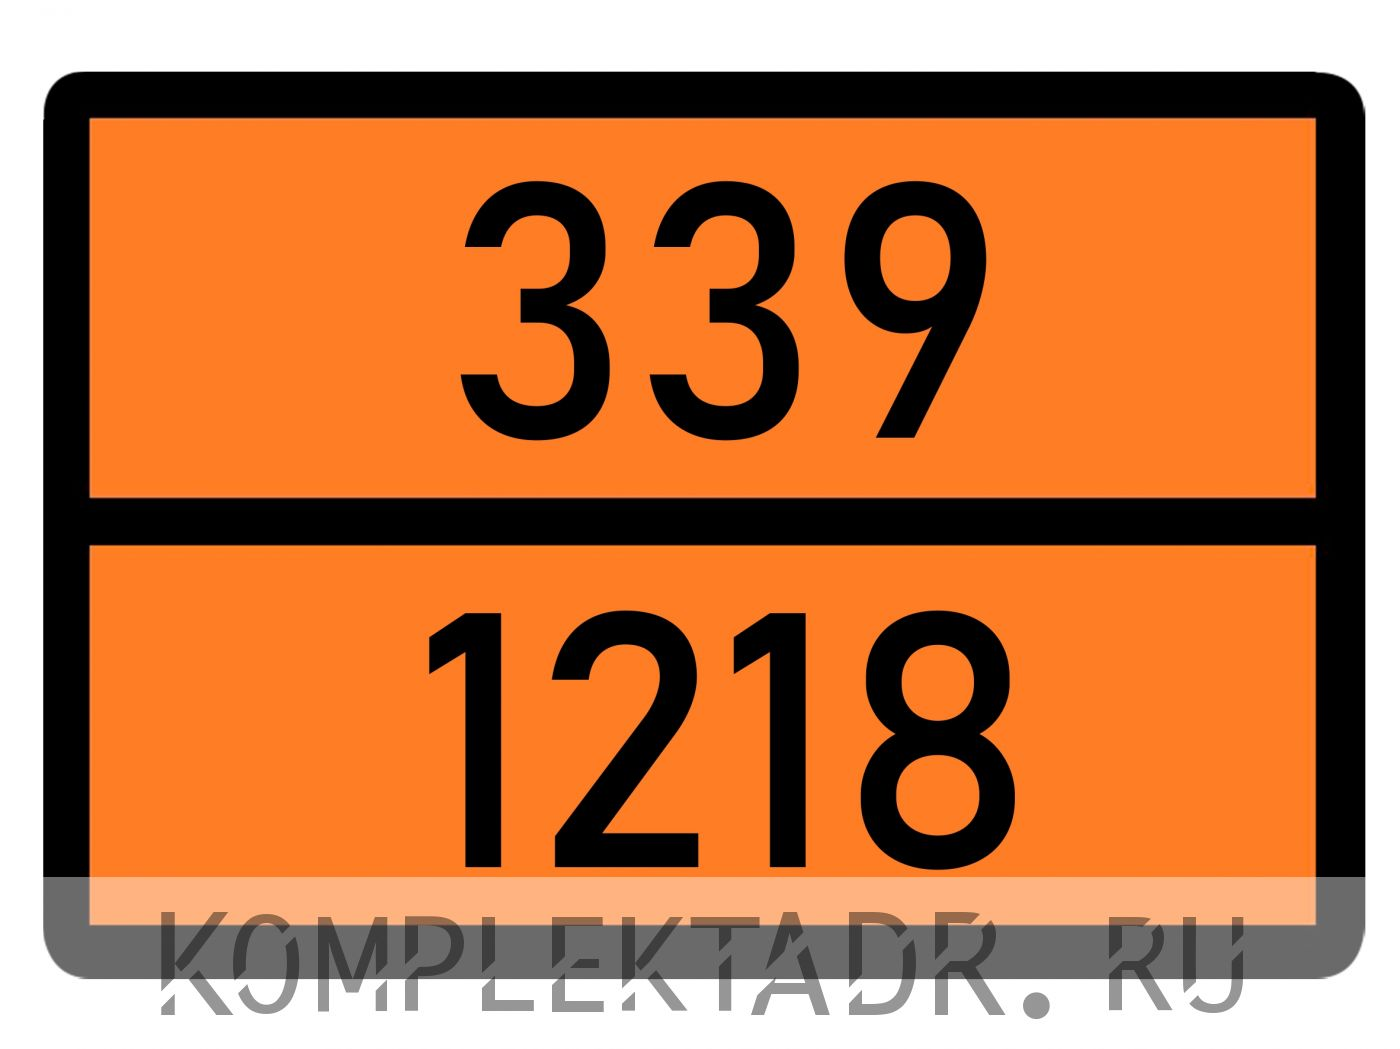 Табличка 339-1218